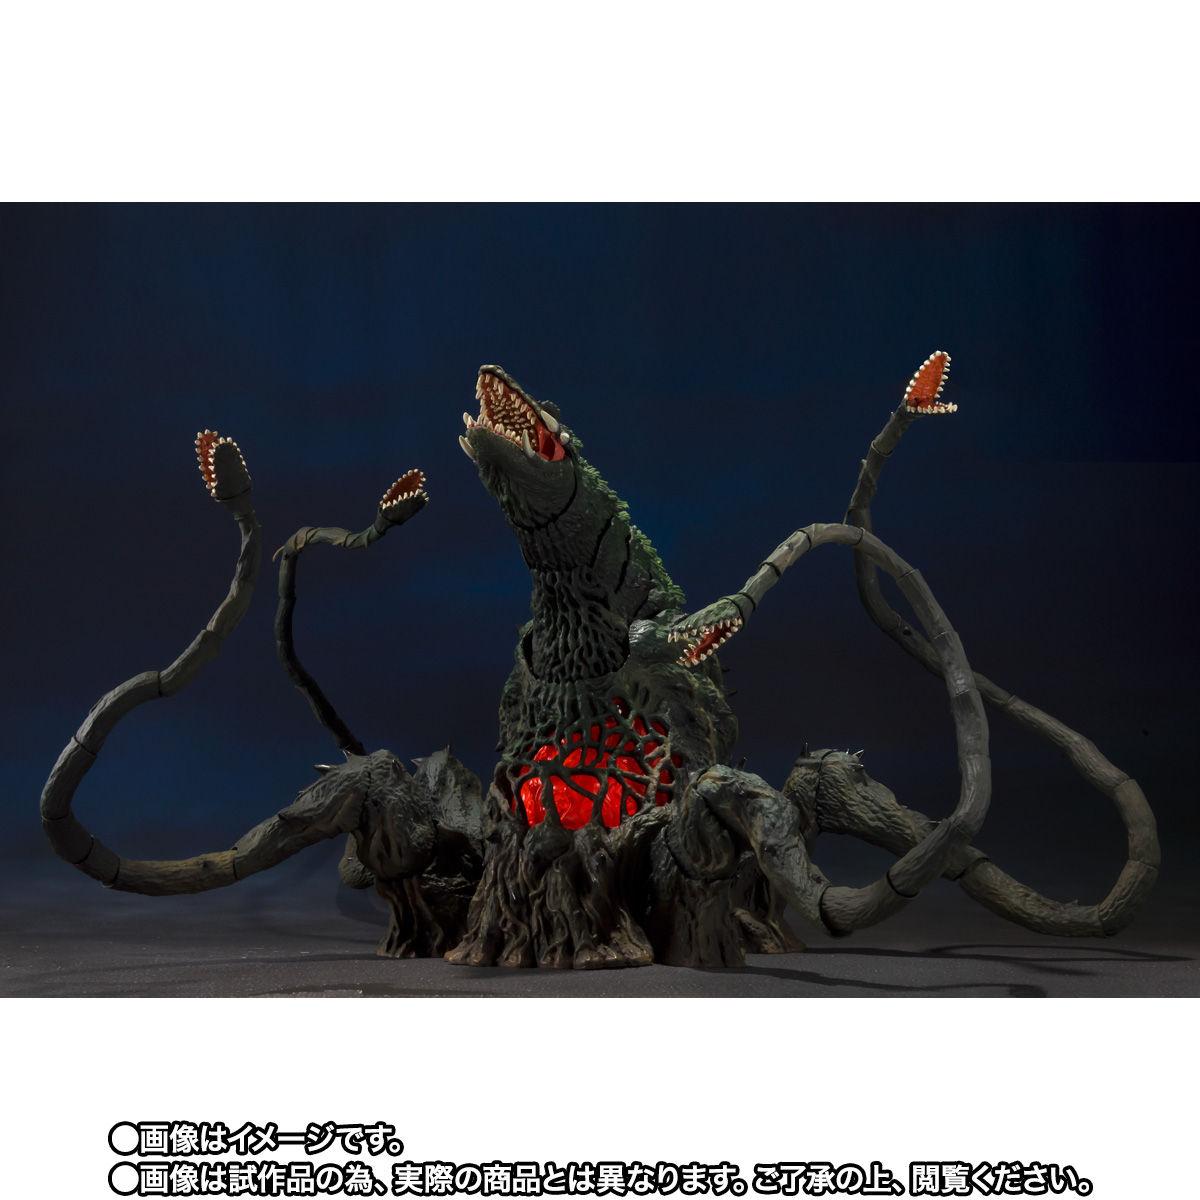 【限定販売】S.H.MonsterArts『ビオランテ Special Color Ver.』ゴジラvsビオランテ 可動フィギュア-008